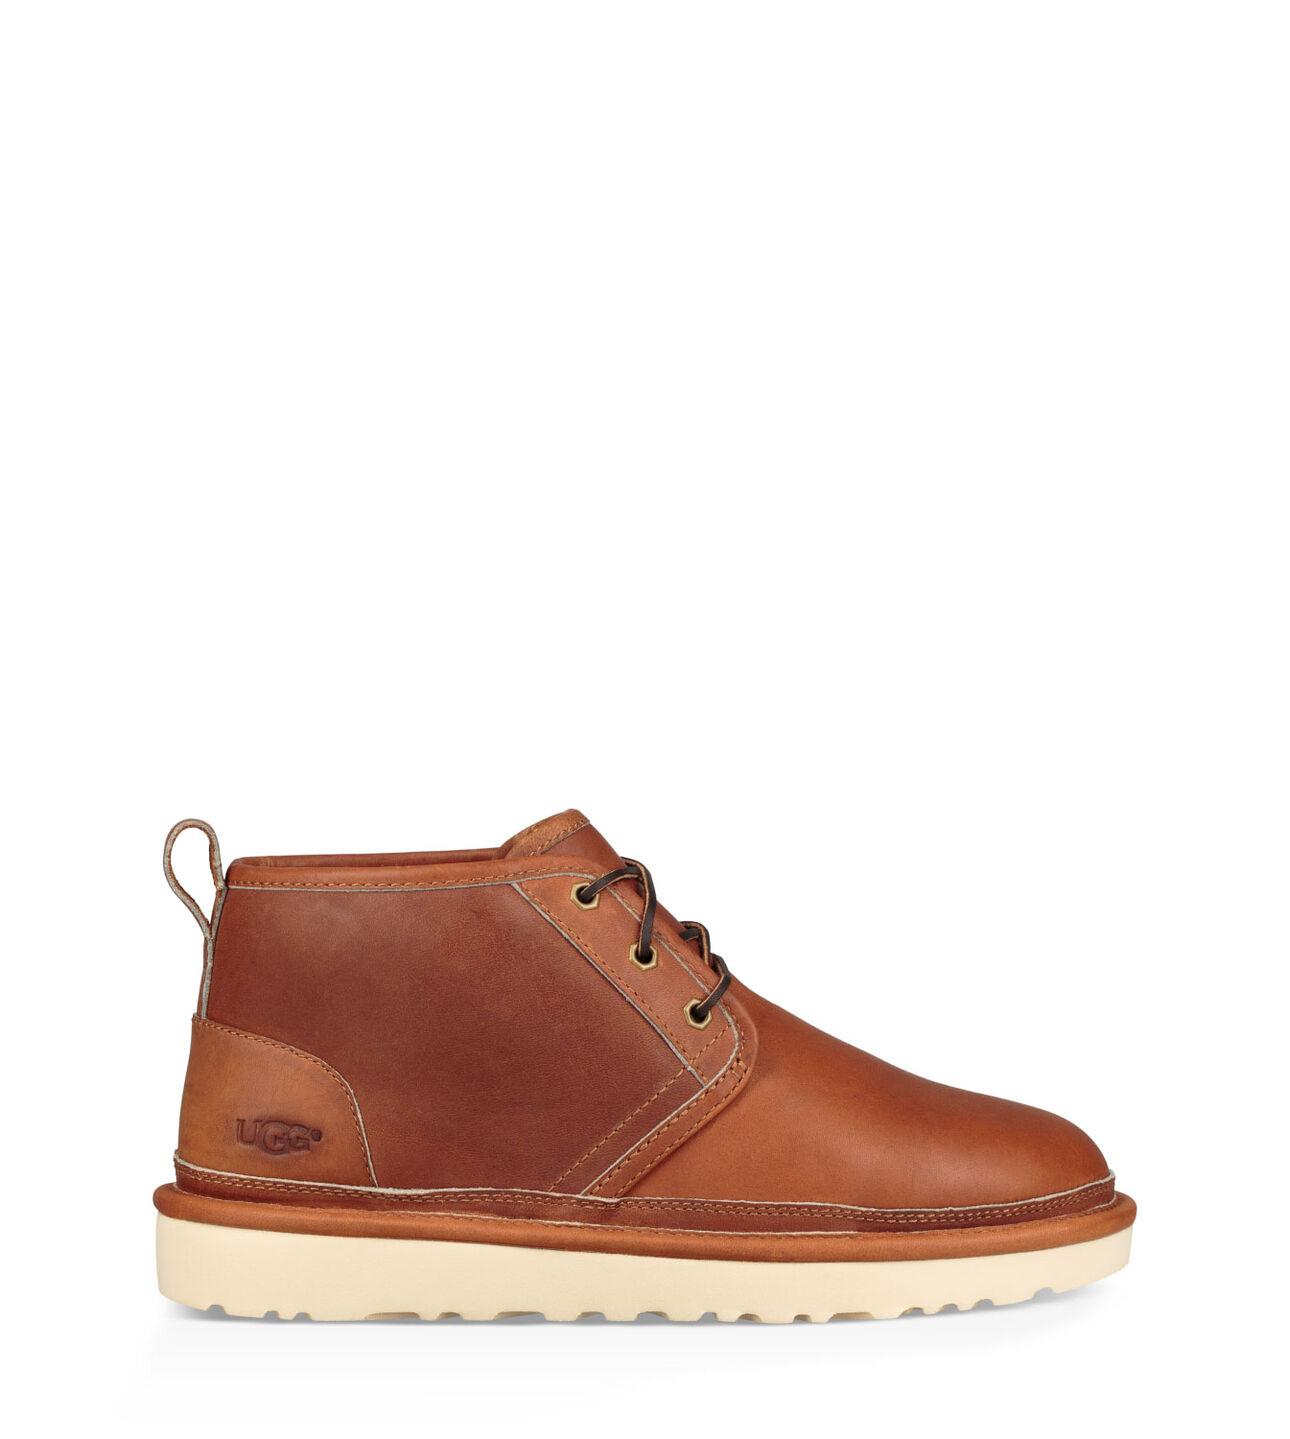 958ec9654c2 Neumel Horween Boot